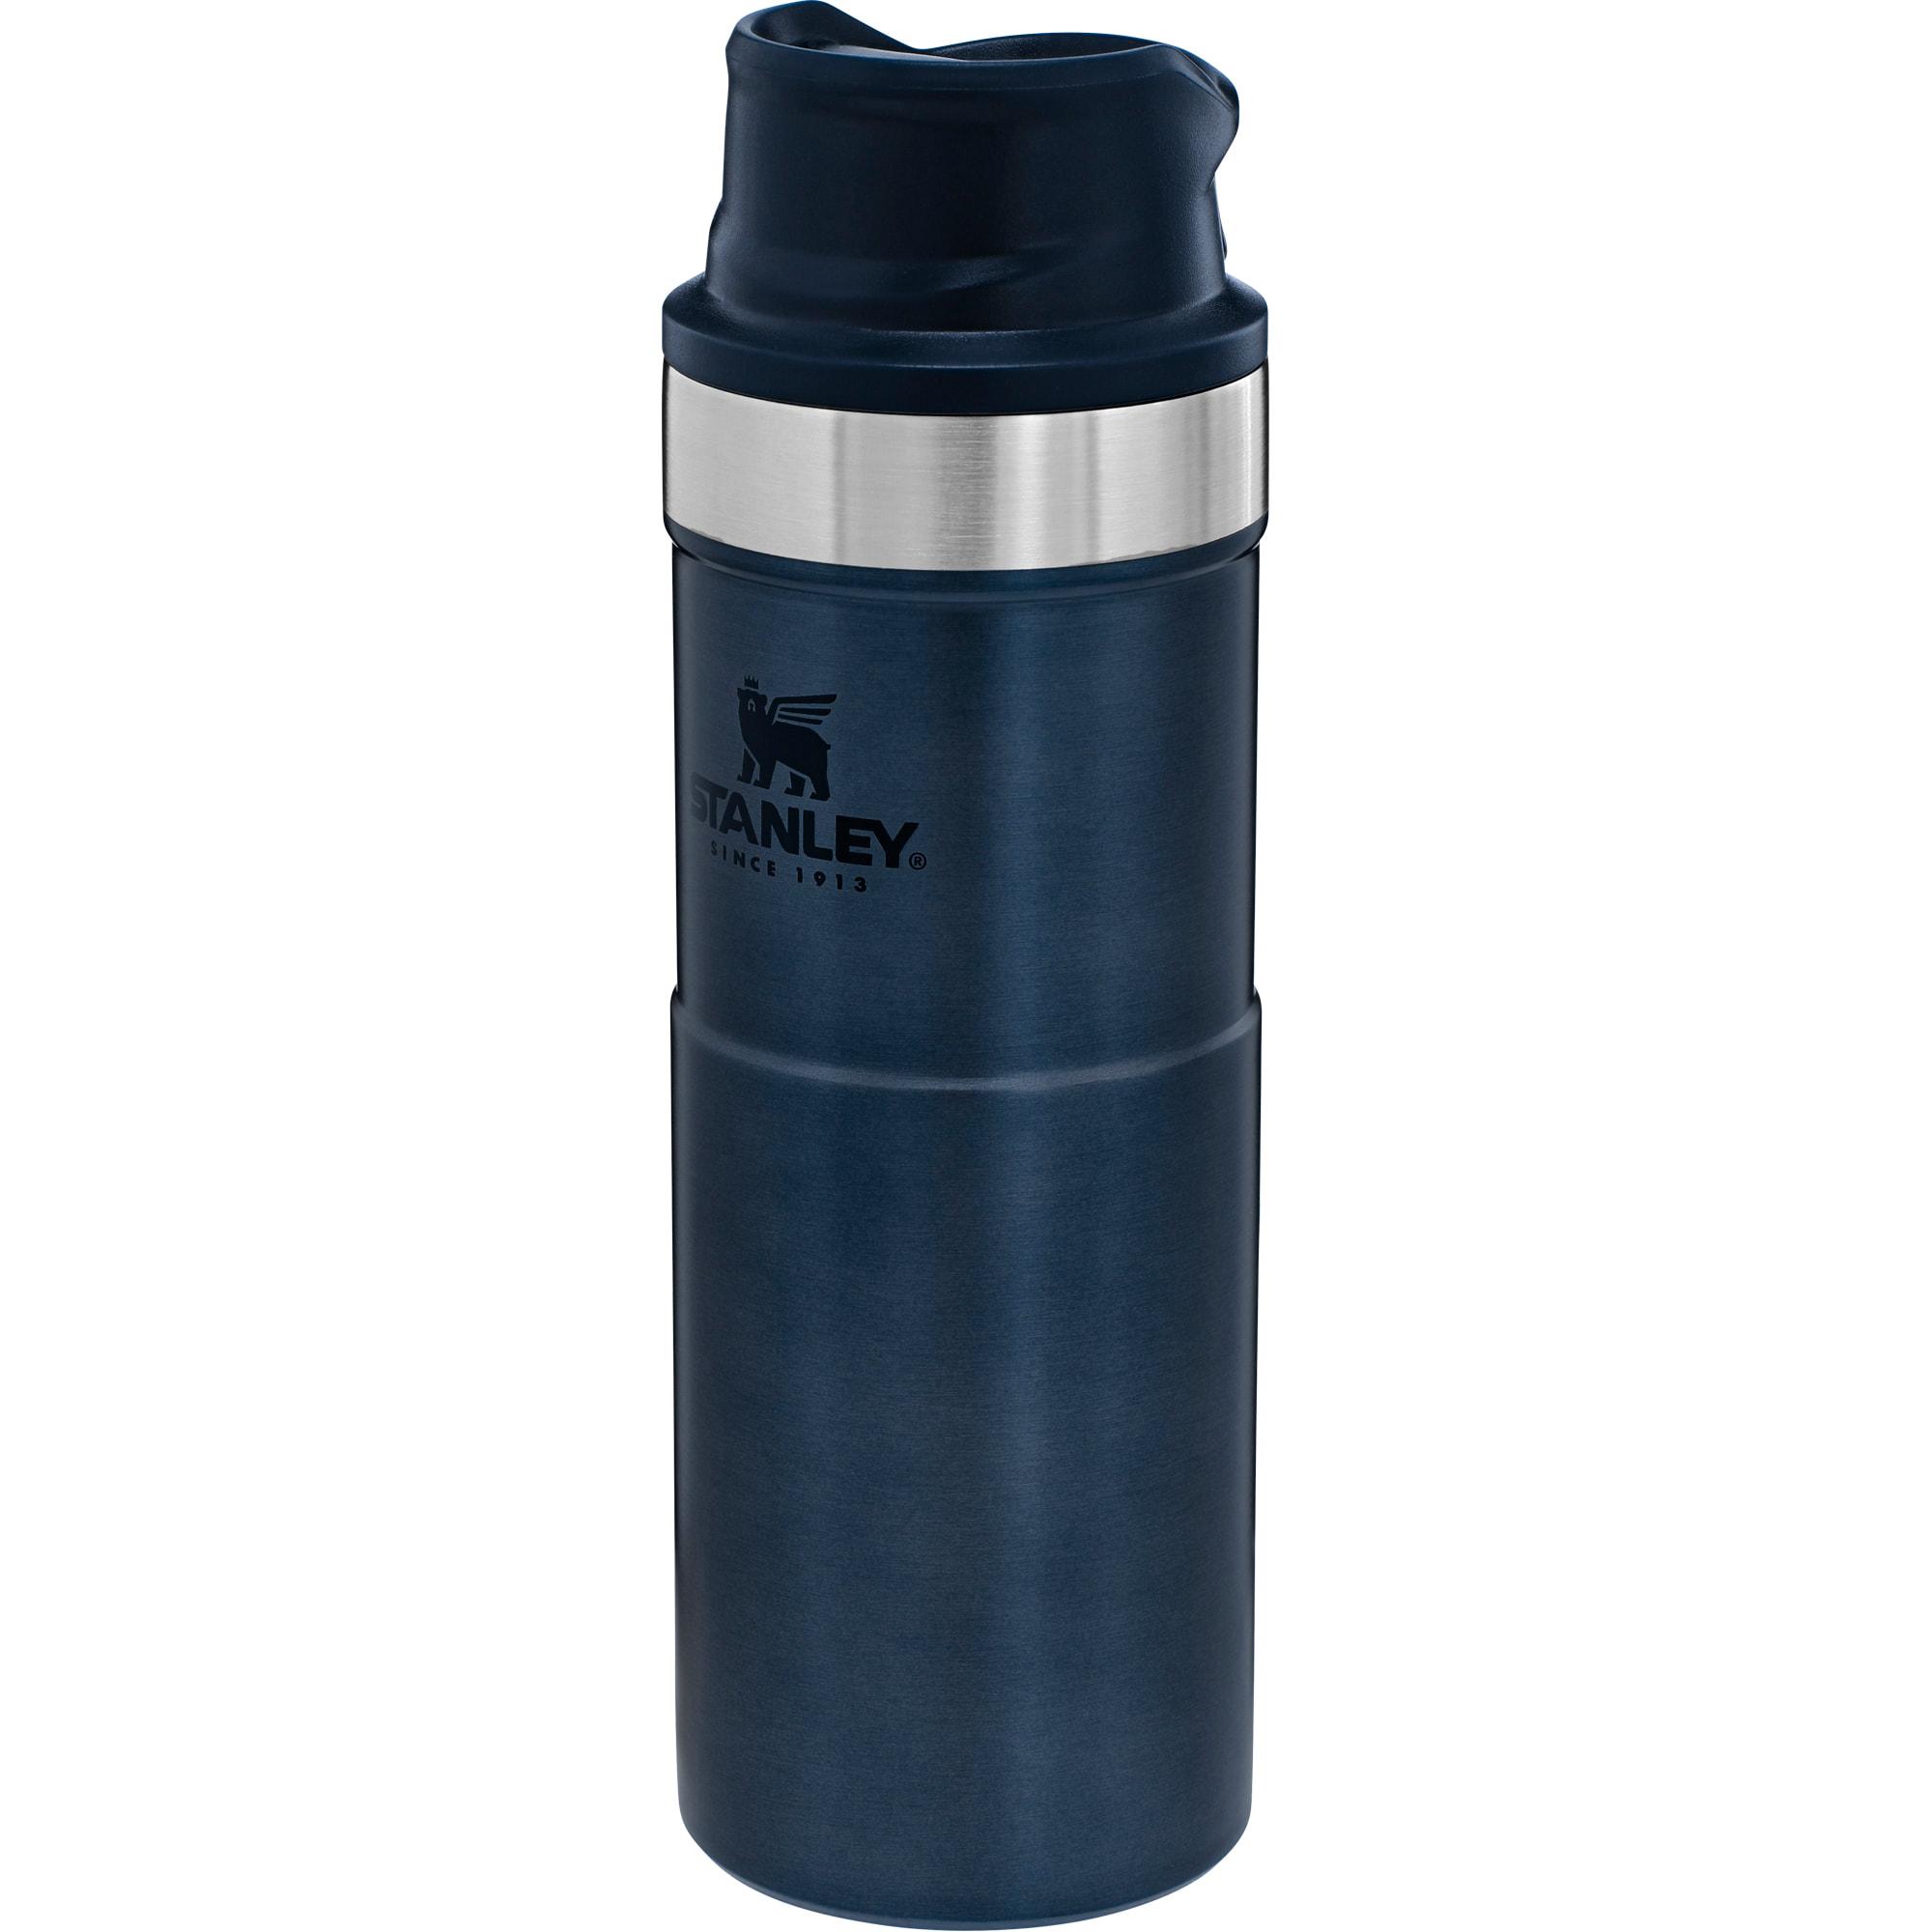 經典系列 TA單手保溫咖啡杯 0.47L